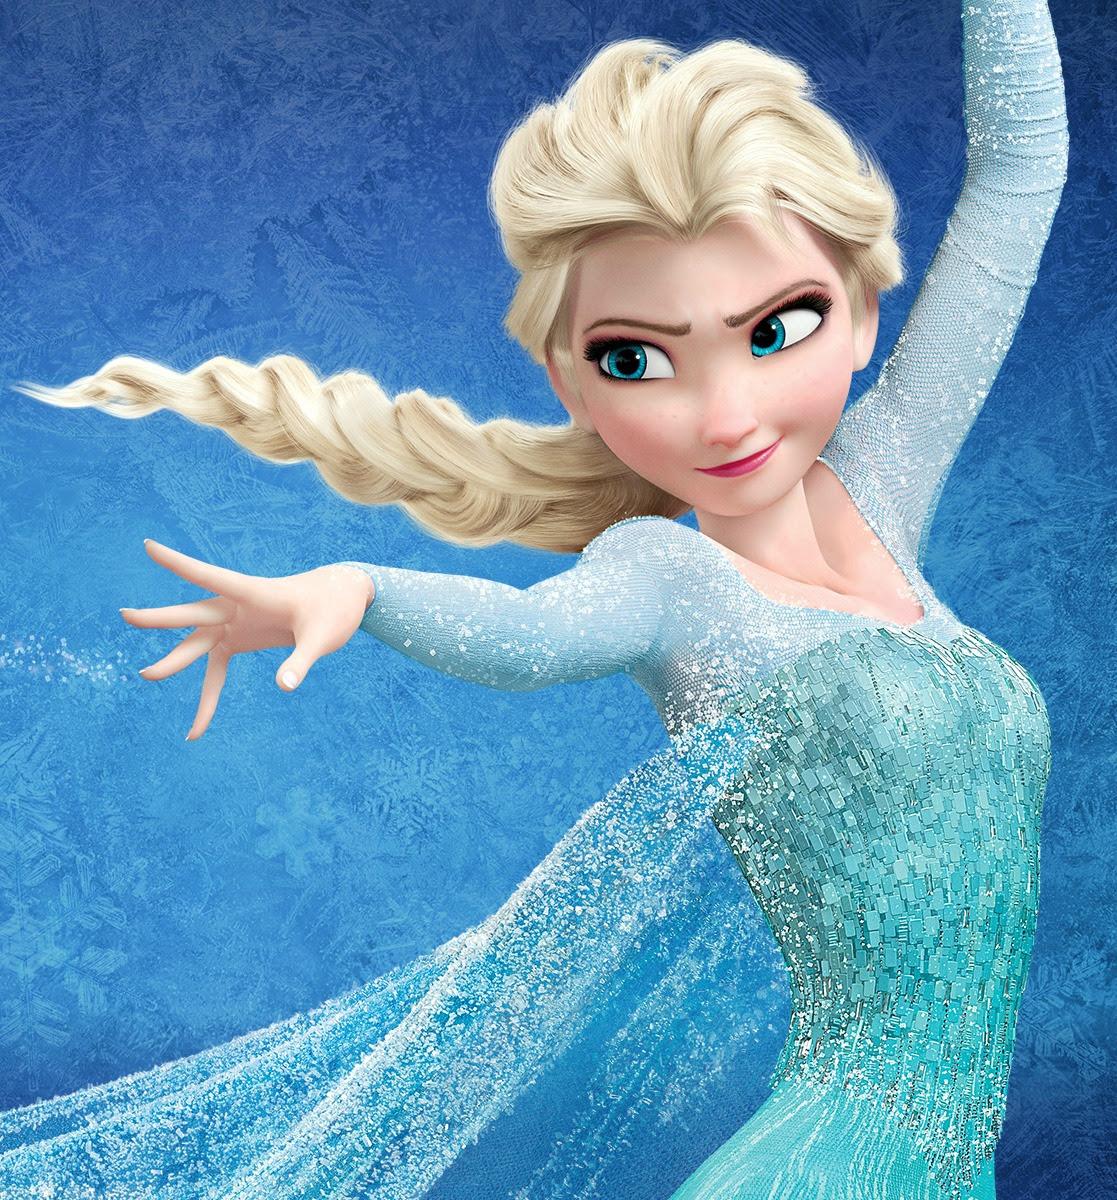 Queen Elsa - Disney Princess Wallpaper (36951286) - Fanpop